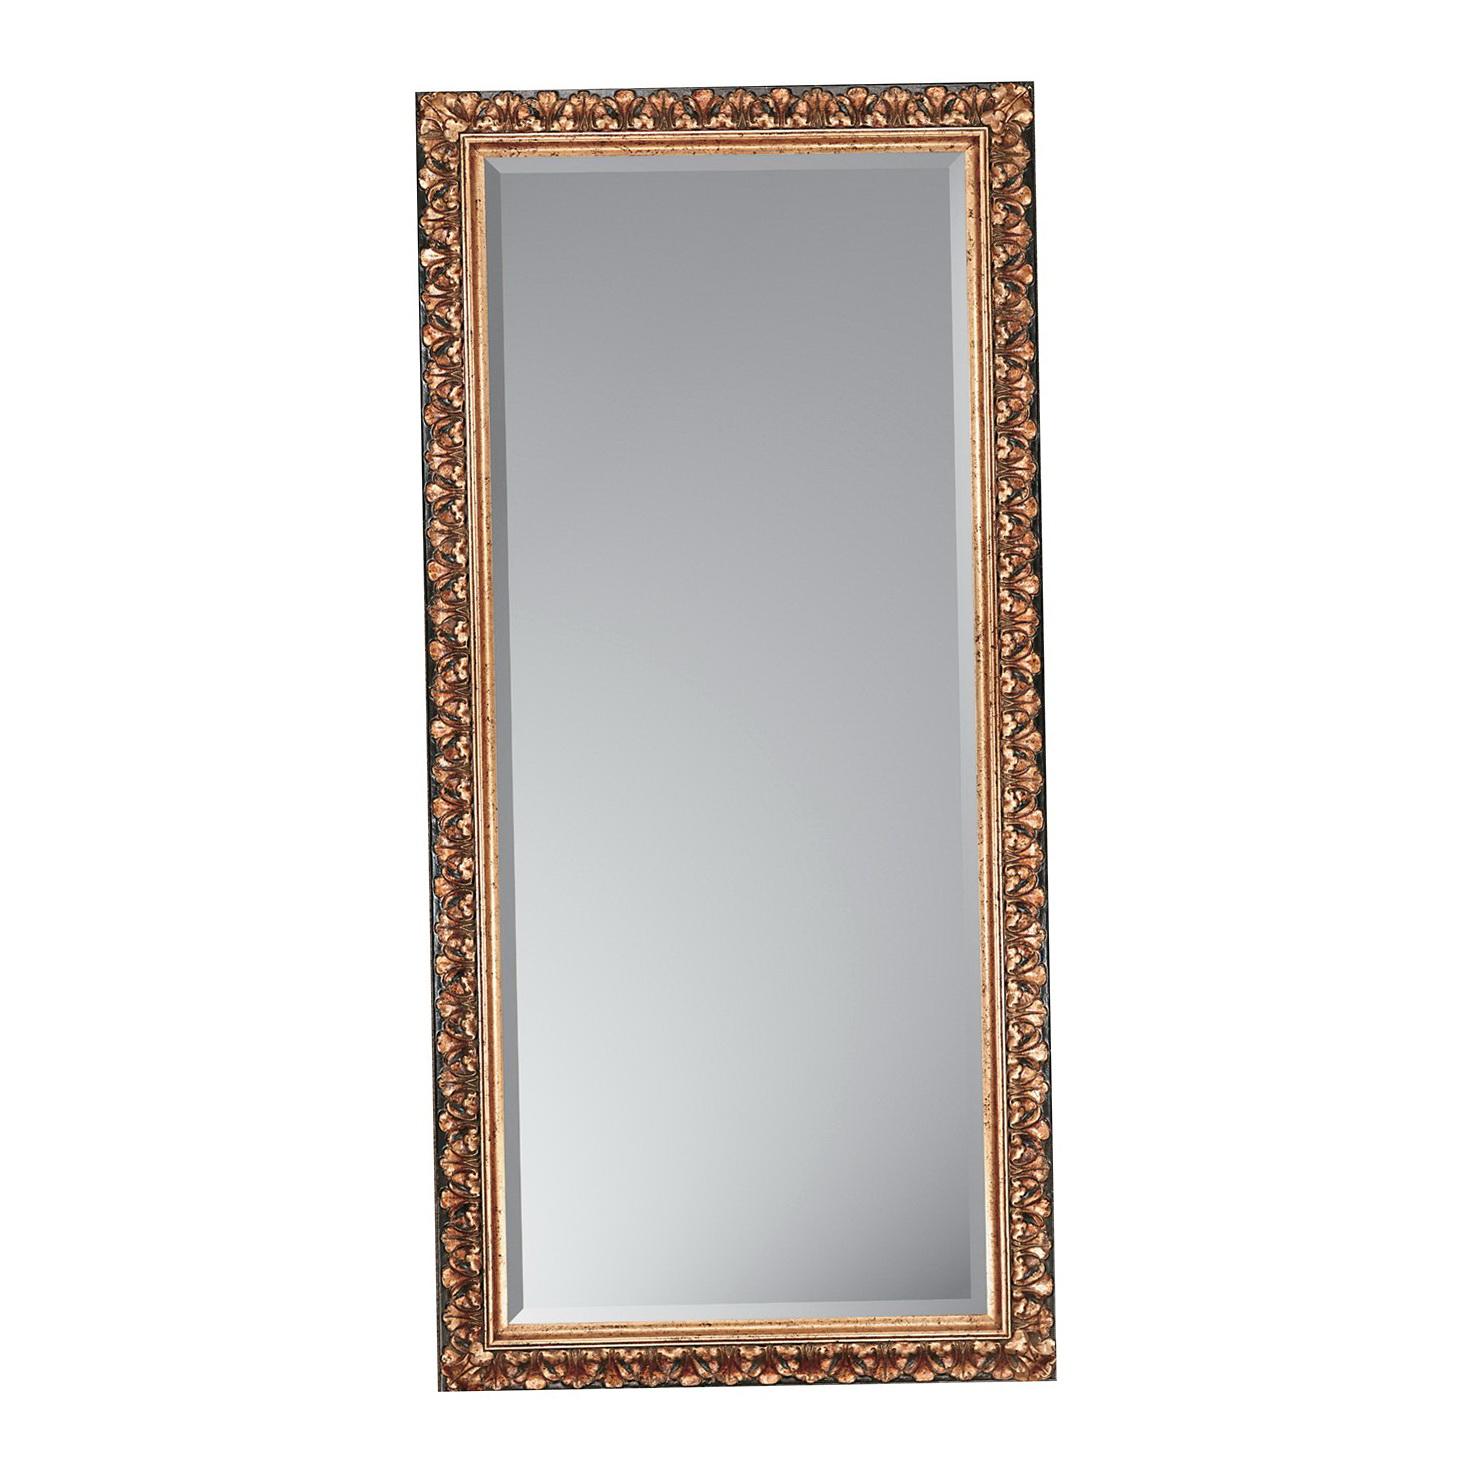 Antique Gold Floor Mirror | Home Design Ideas